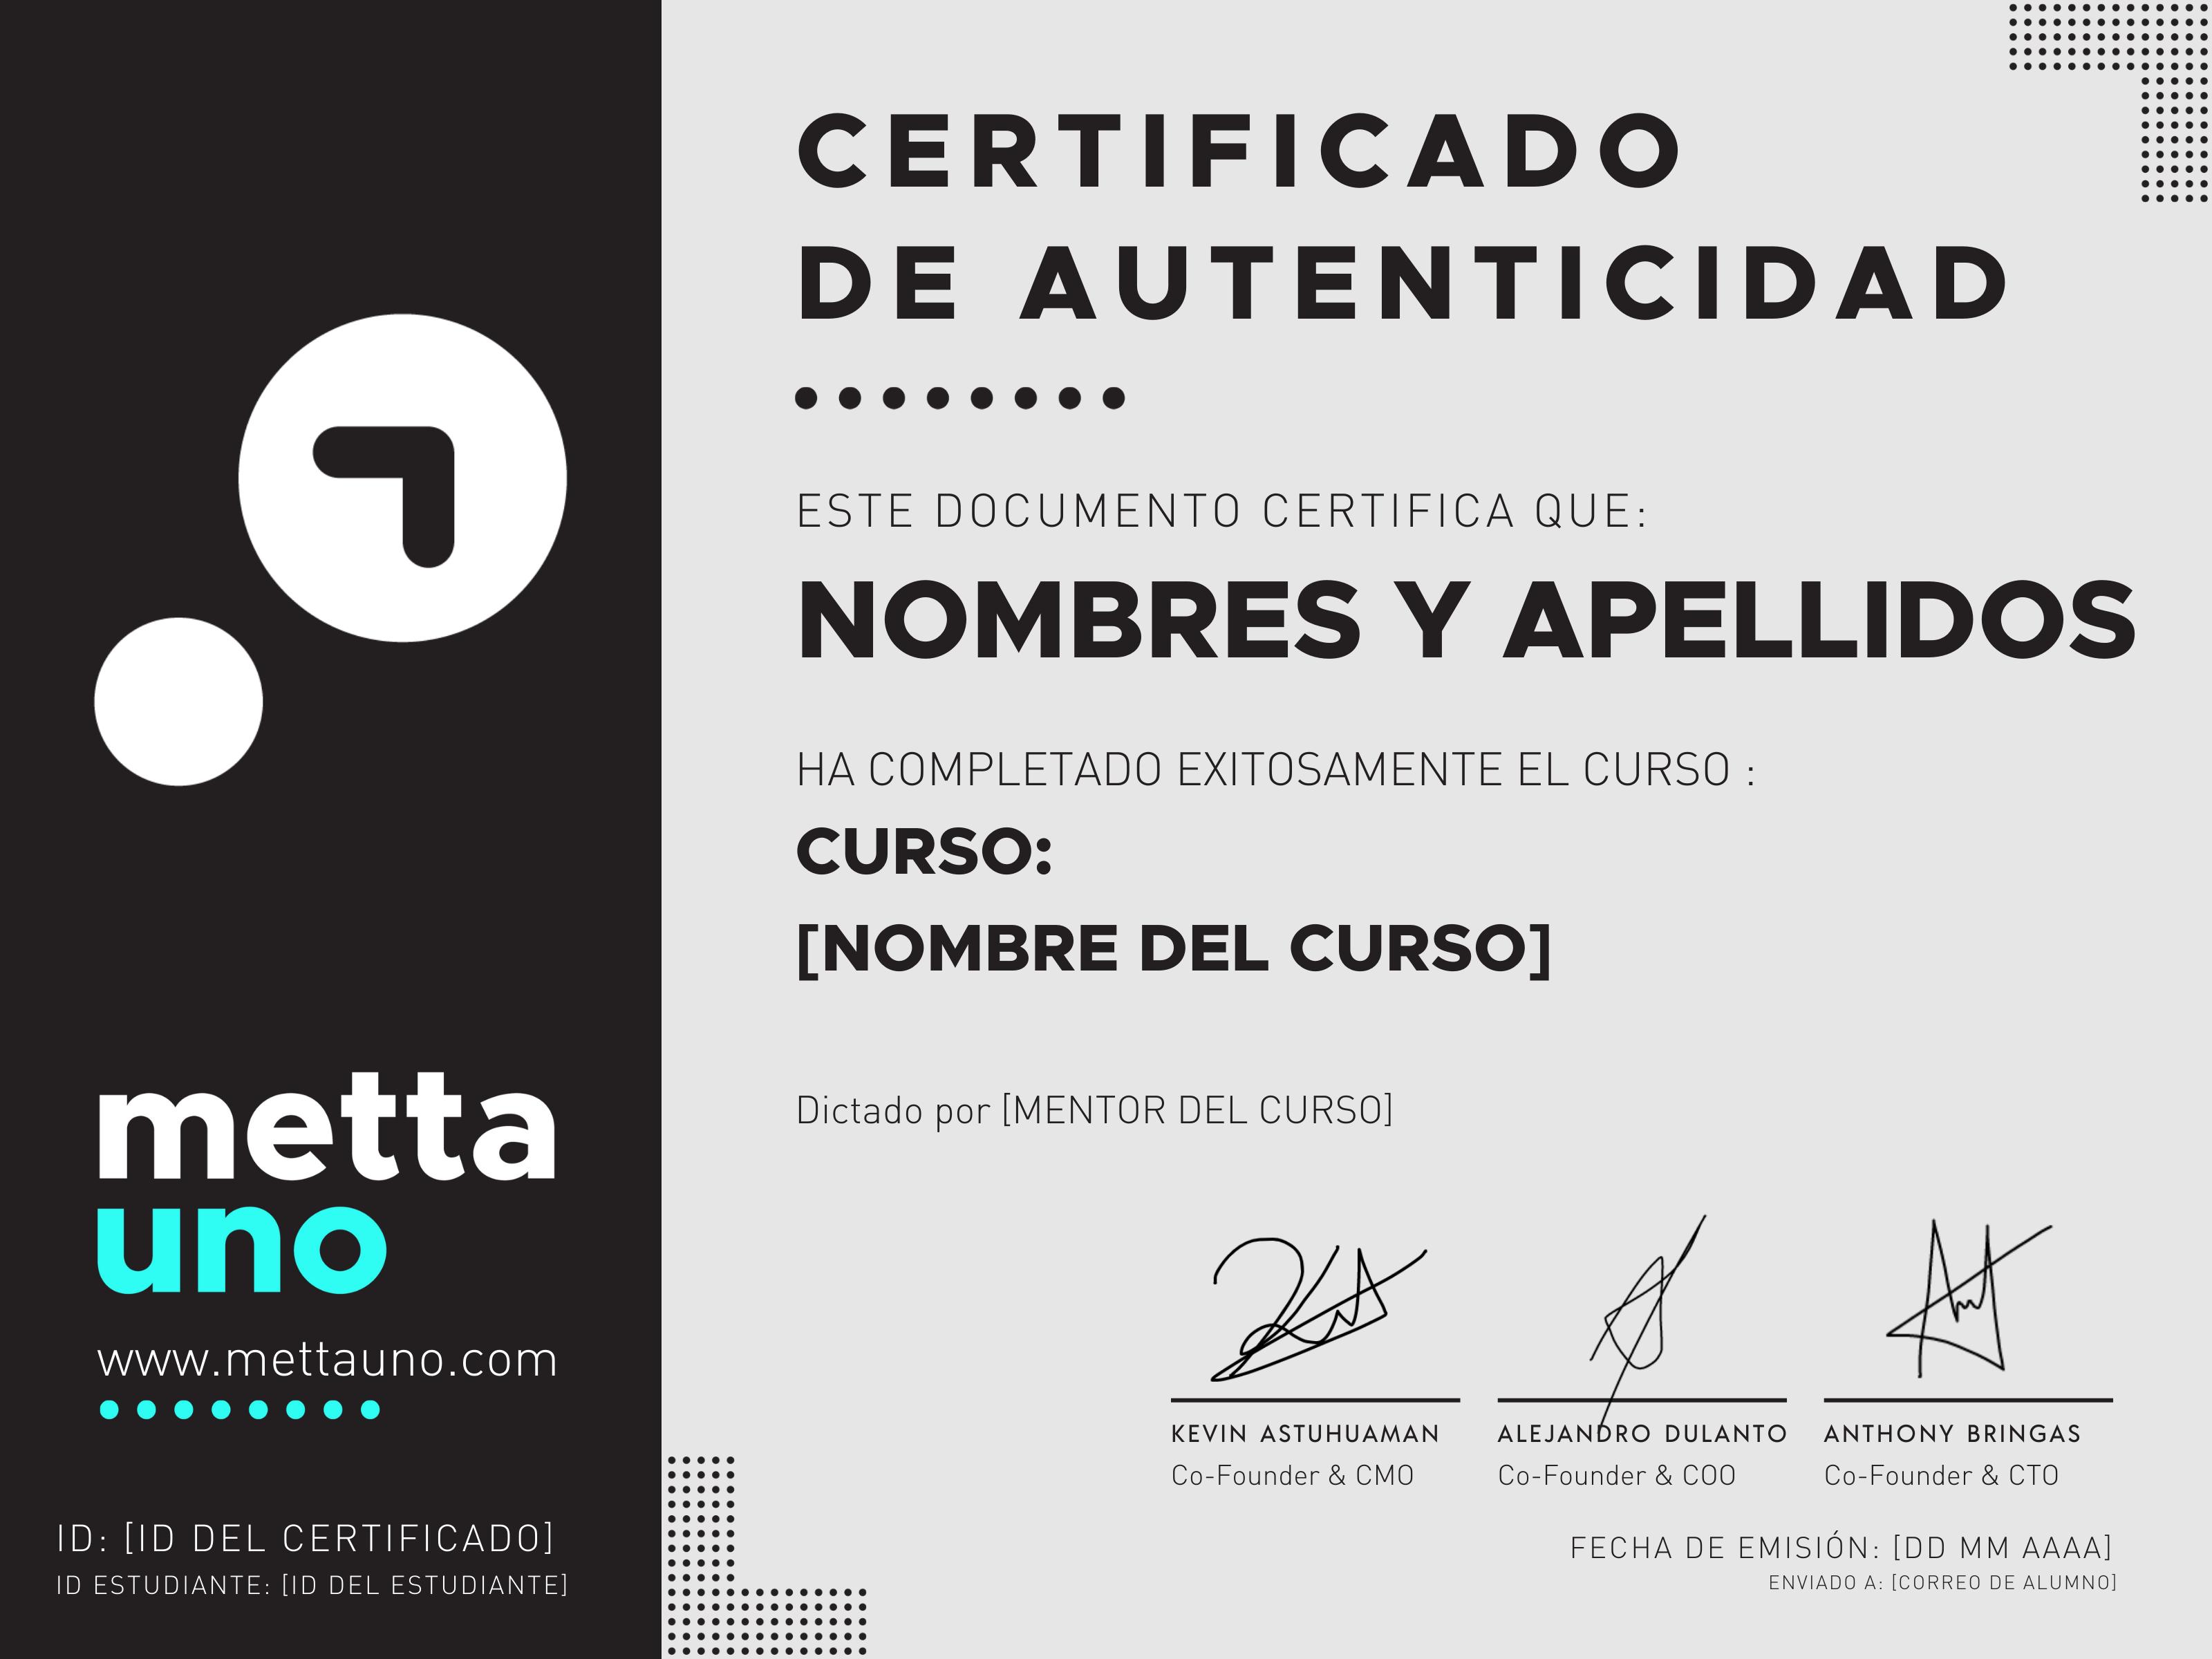 Certificado_mettauno